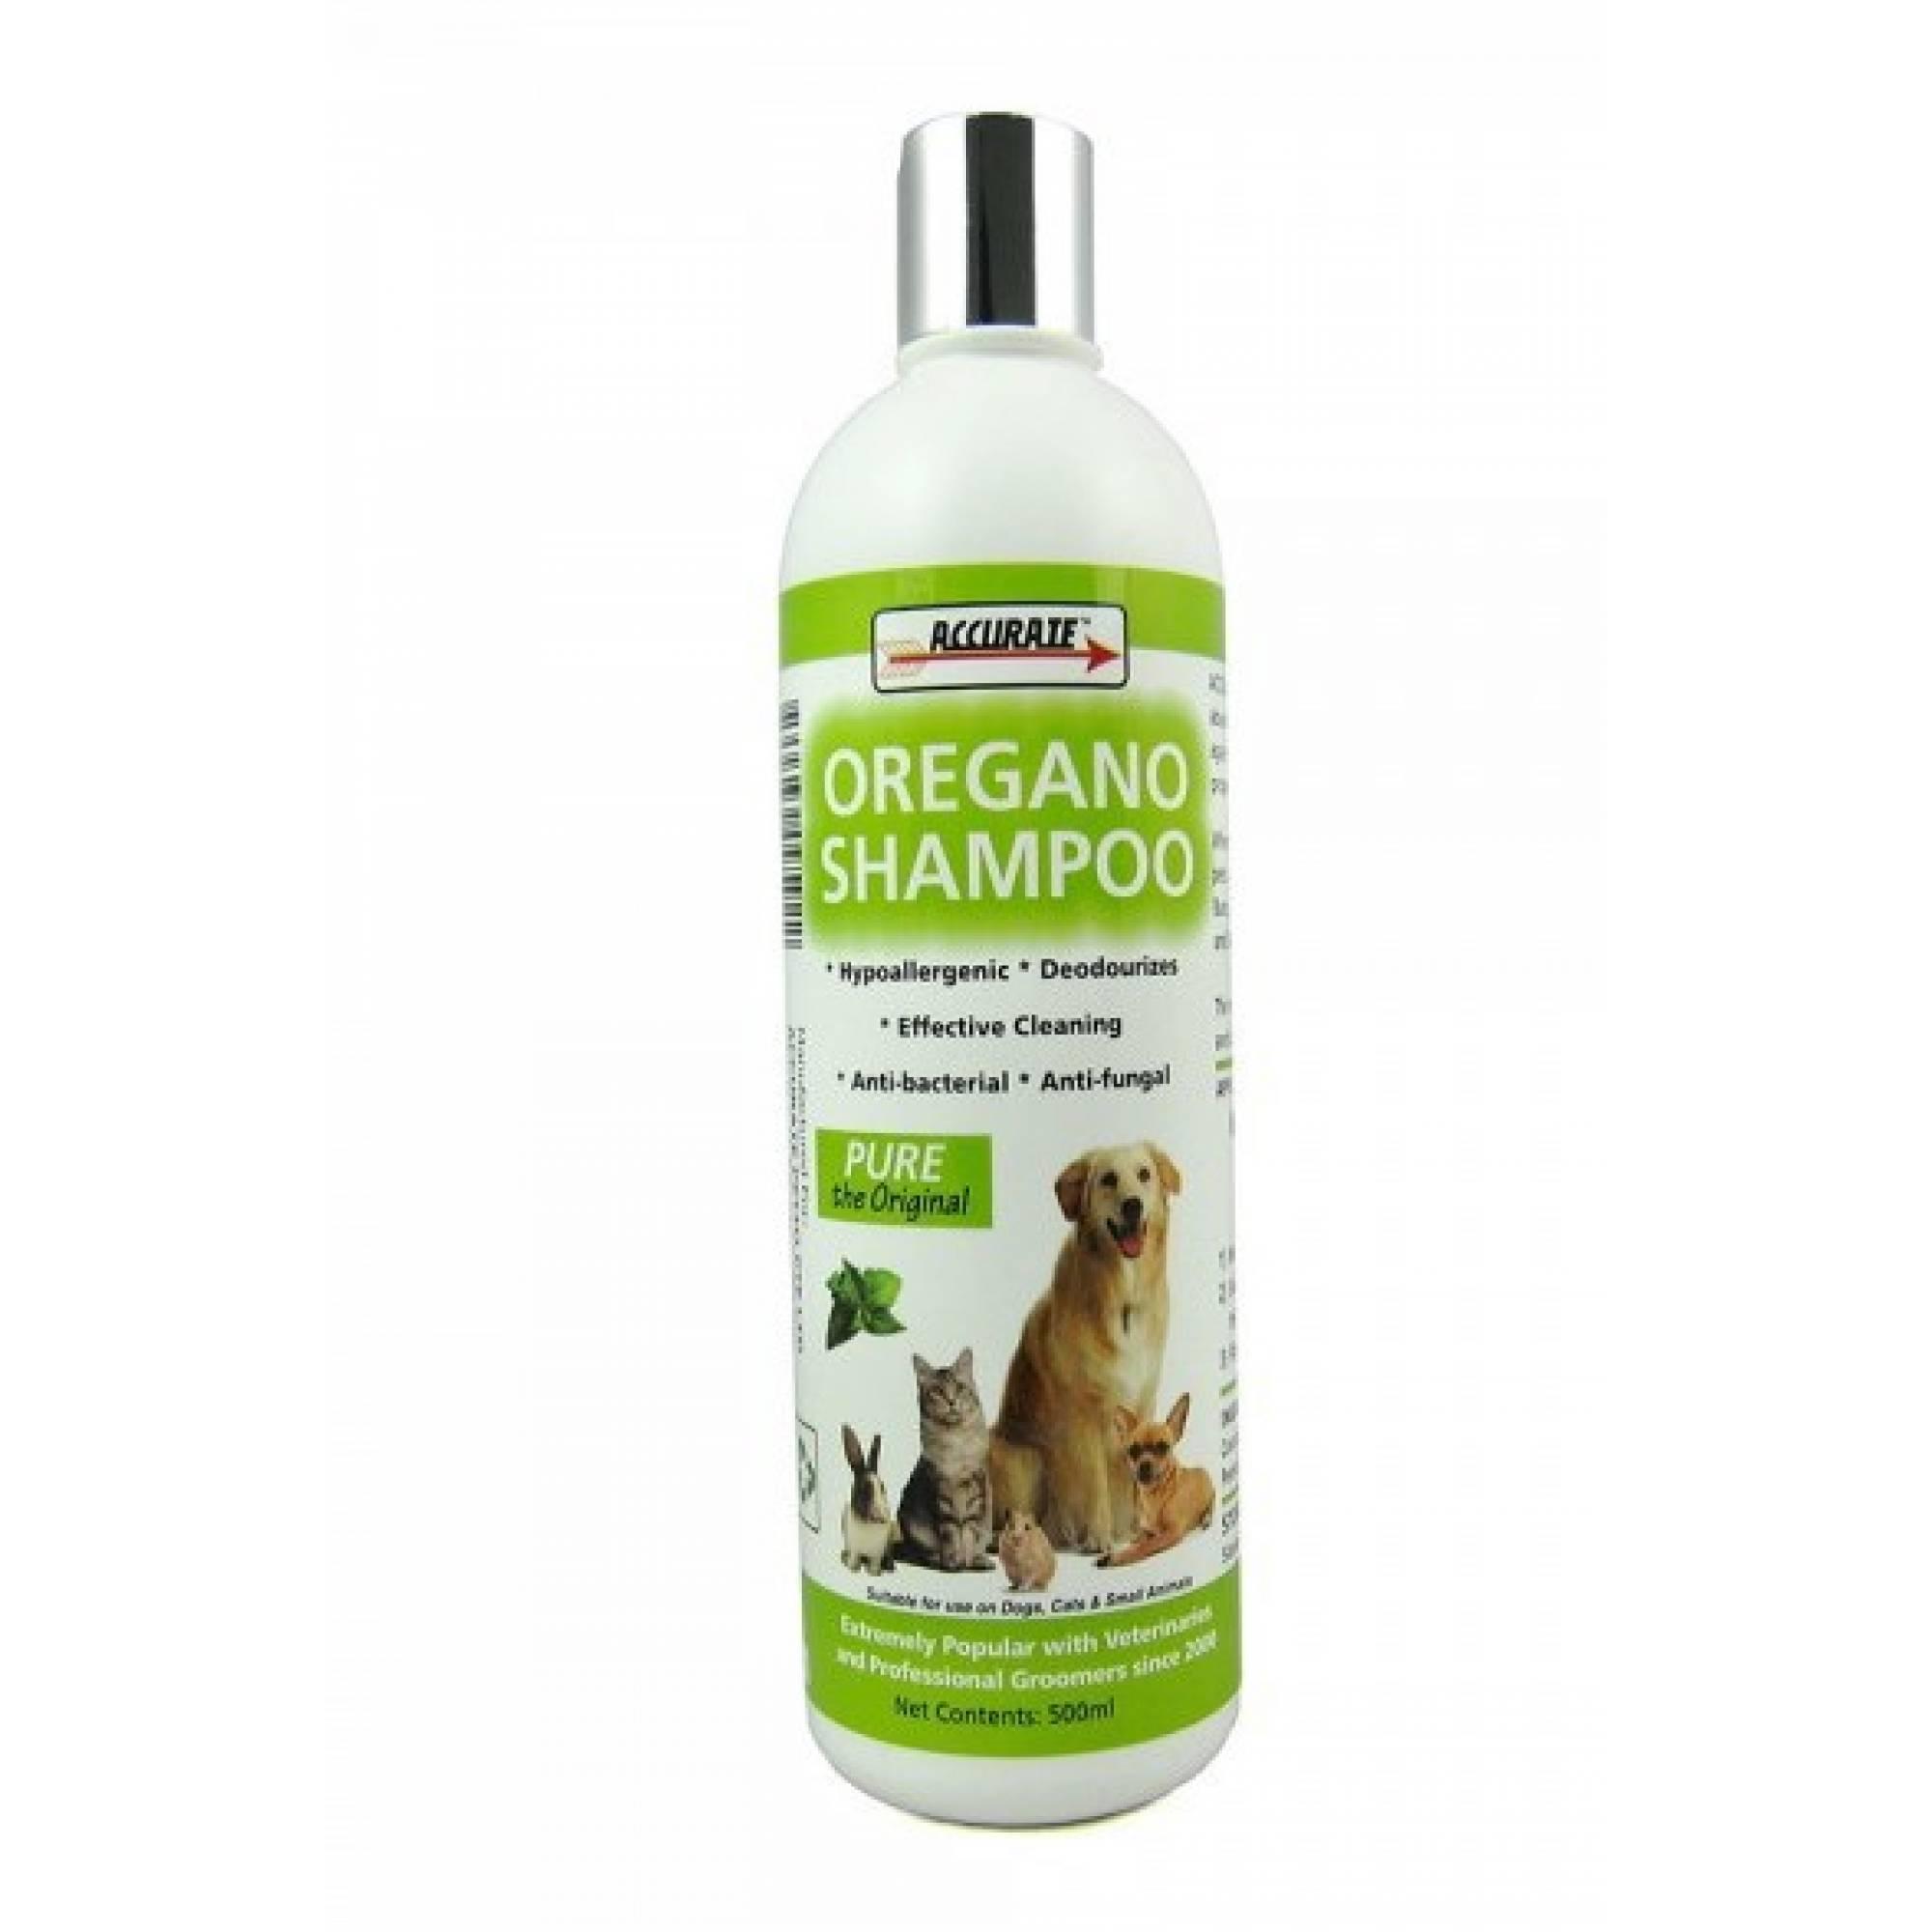 Accurate - Oregano Shampoo 500ml